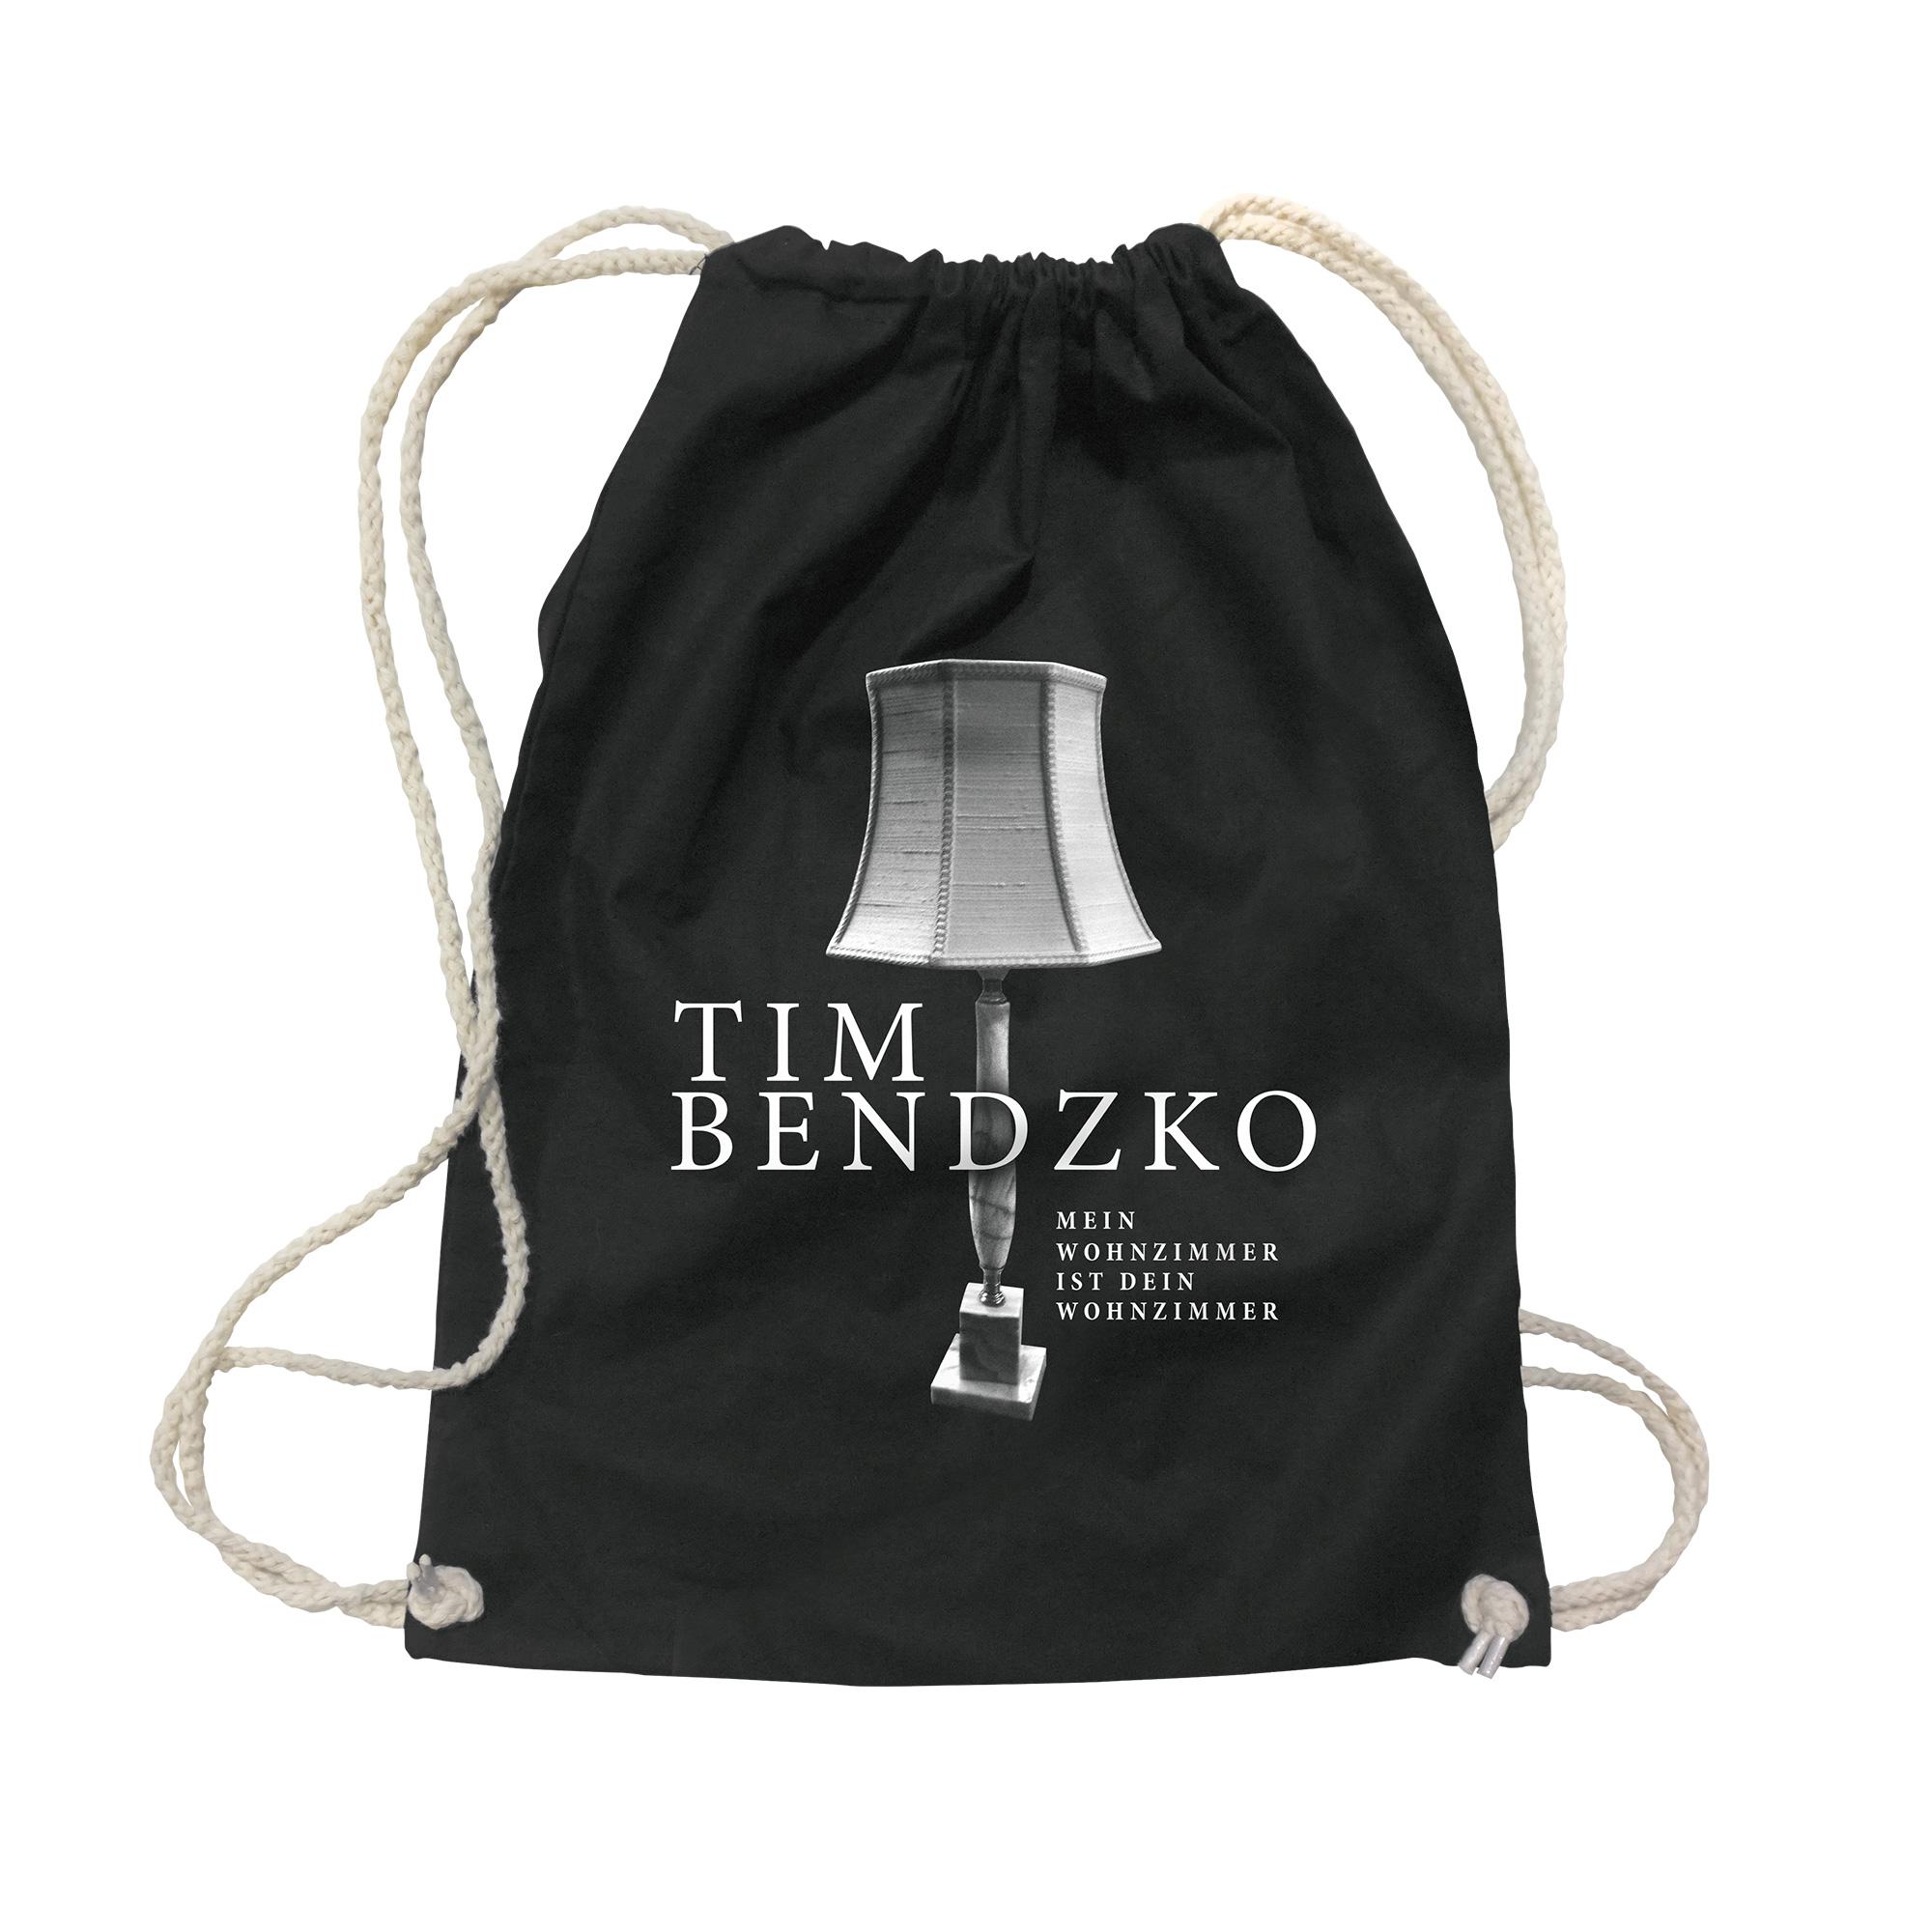 Bravado - Mein Wohnzimmer - Tim Bendzko - Gym Bag